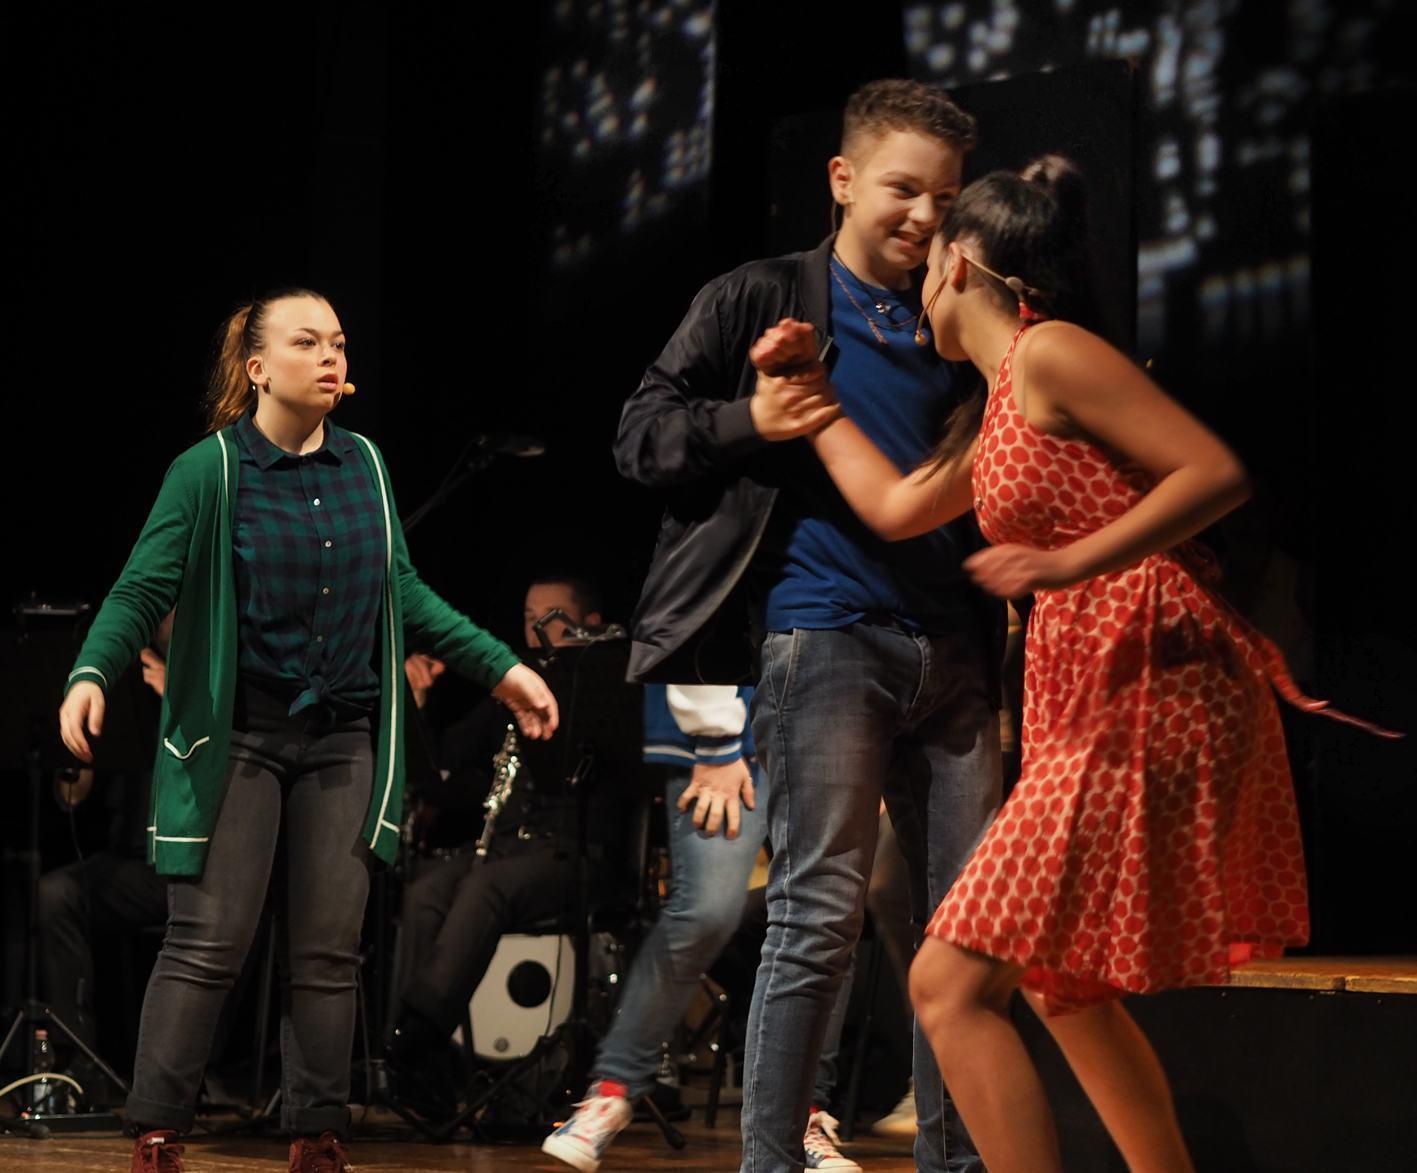 Family Concerts, Tony e Maria, 23 novembre 2019 spettacolo al Teatro Morlacchi